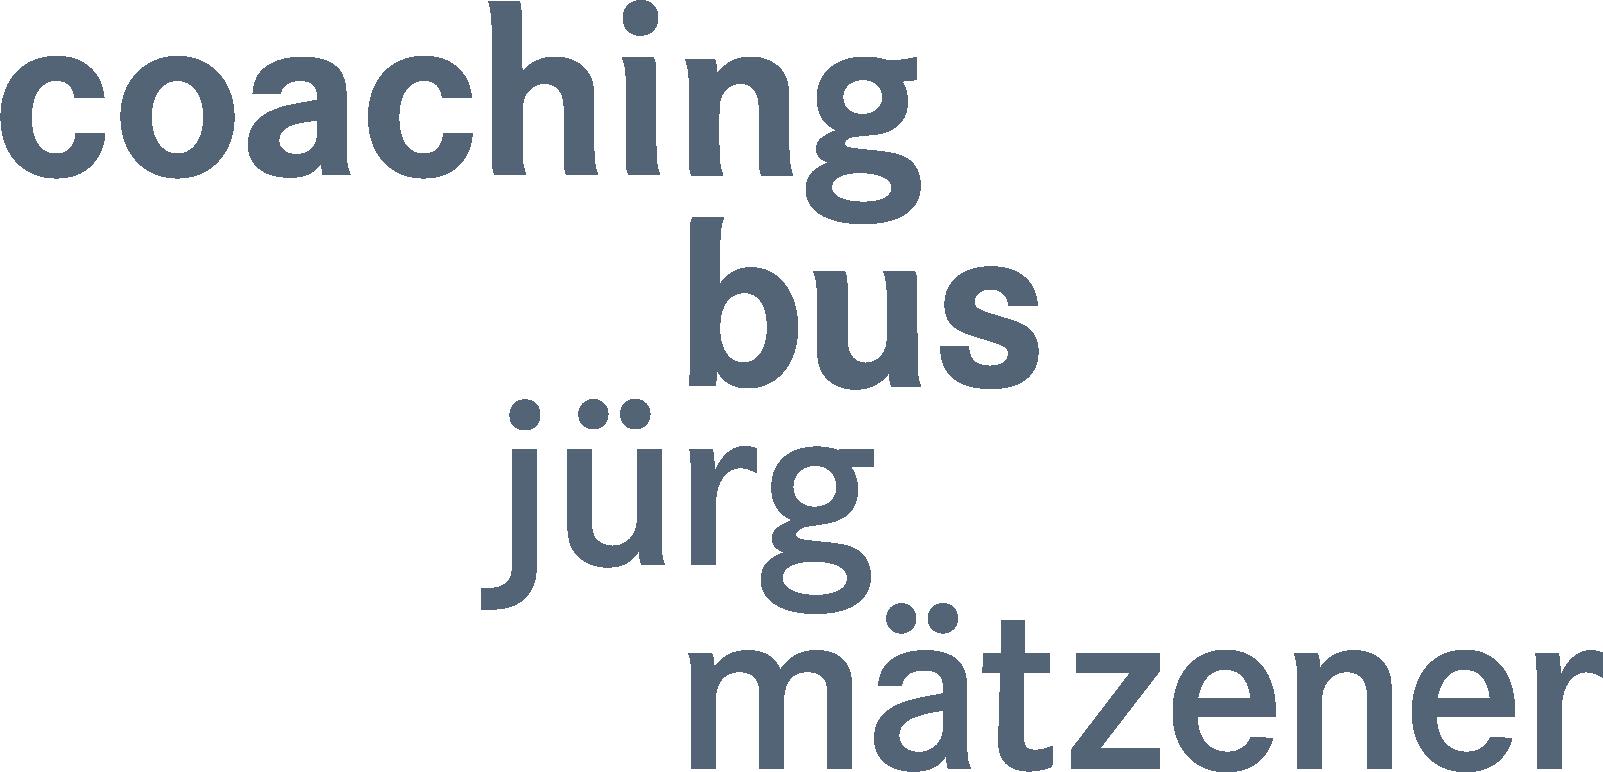 Coachingbus